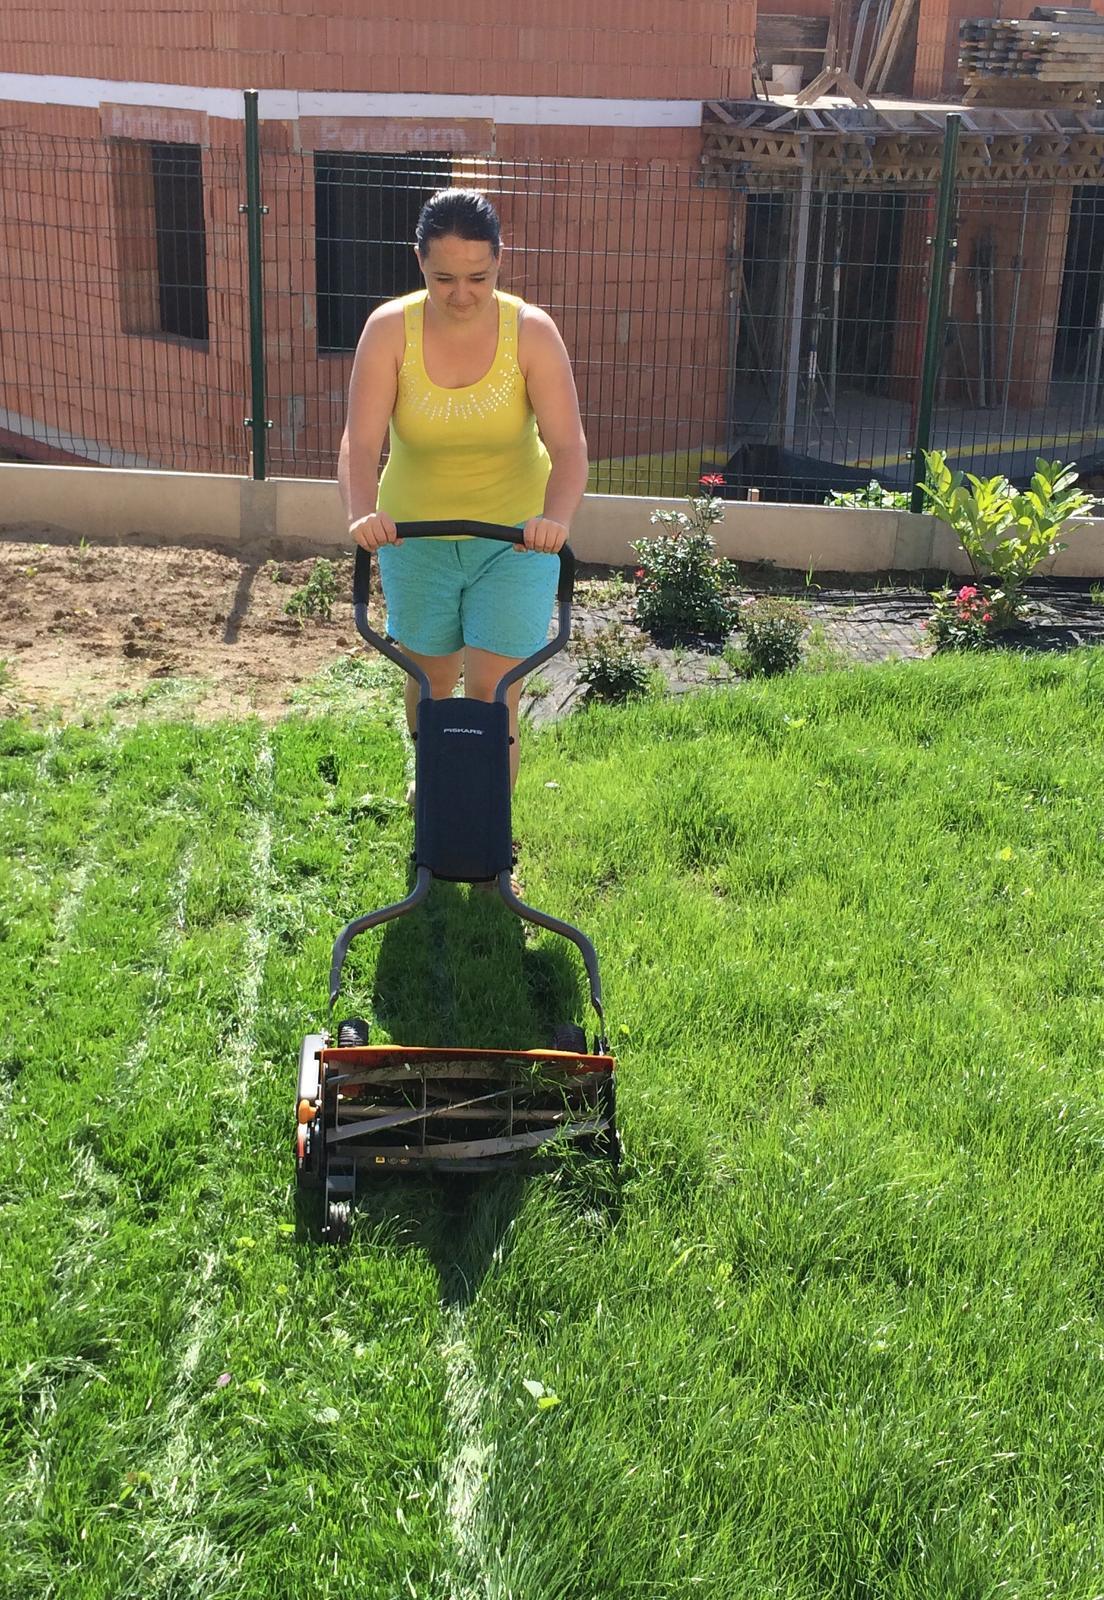 Zahrada- jak to vsechno zacalo.. - A seka se uplne jednoduse :) absolutne ani trosku hluku :) kraasa :)